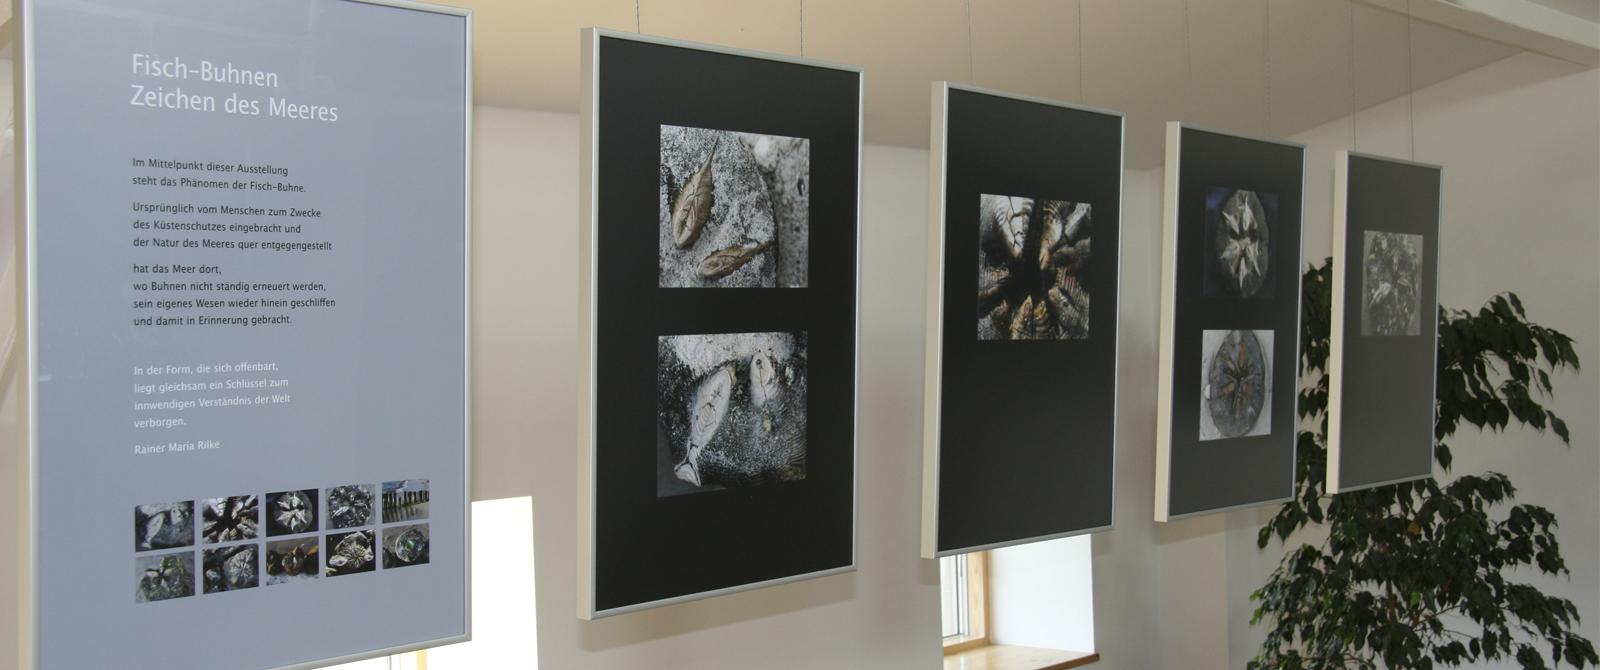 AusstellungKopf